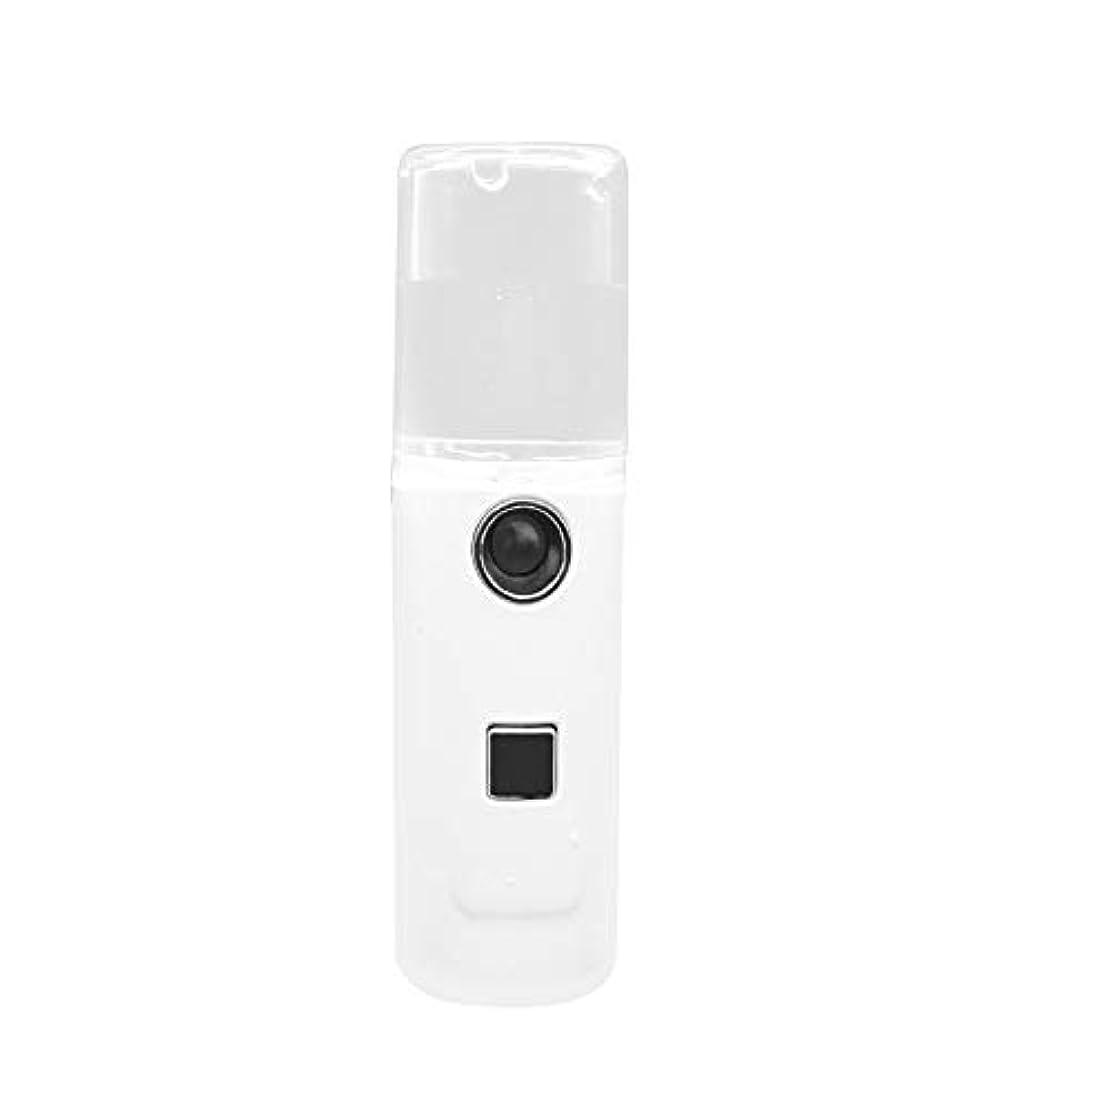 ポール美徳性格ZXF 新しいナノスプレー水分補給器具美容保湿器加湿器車の噴霧器usb充電宝物保湿剤ホワイト透明 滑らかである